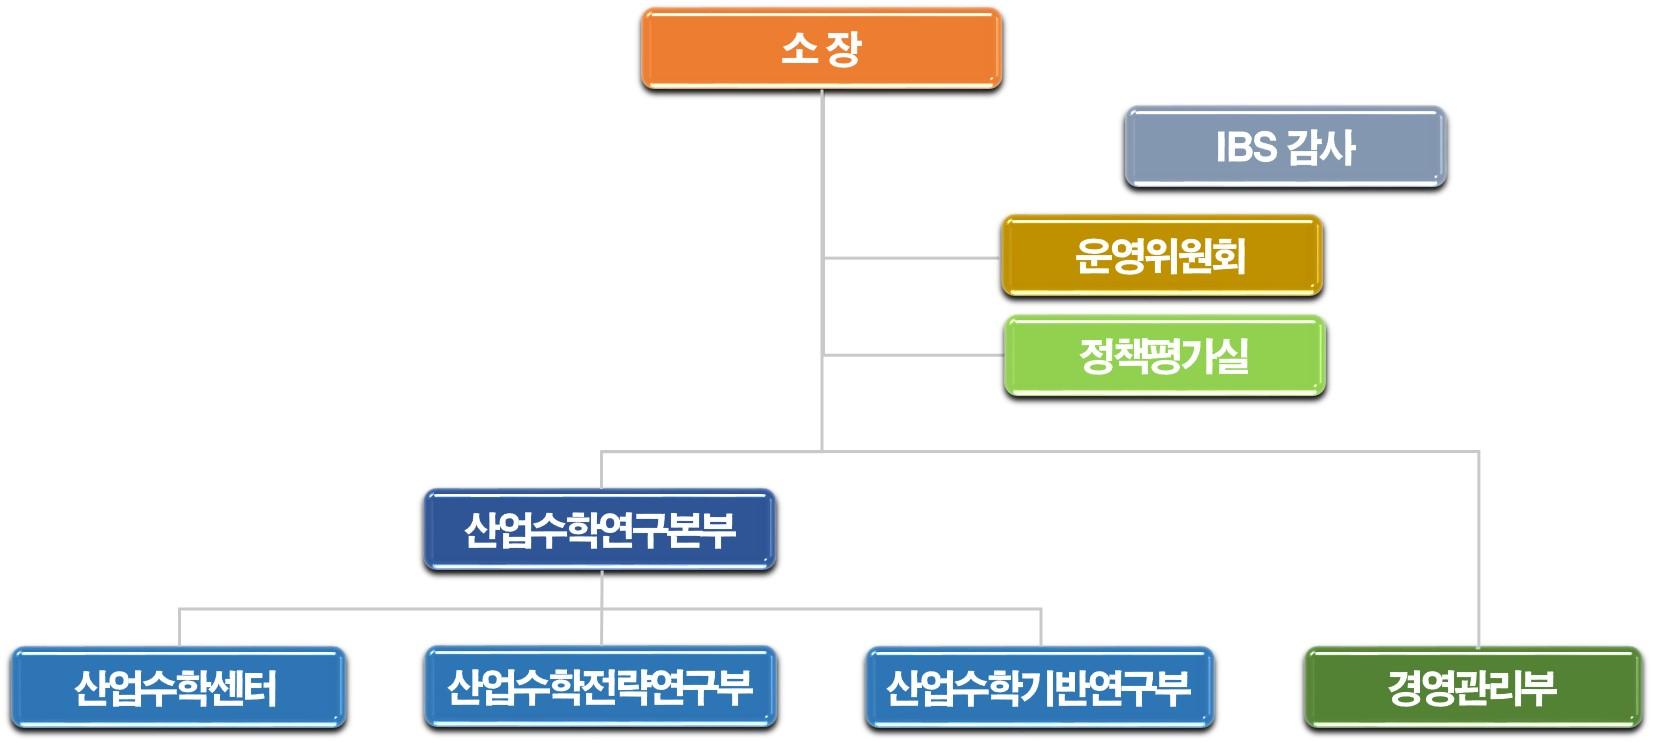 소장(맨위)-IBS감사,운영위원회,정책평가실(중간 오른쪽)-산업수학연구본부(아래 왼쪽)-산업수학센터,산업수학전략연구부,산업수학기반연구부(산업수학연구본부 하위)-경영관리부(왼쪽 아래)